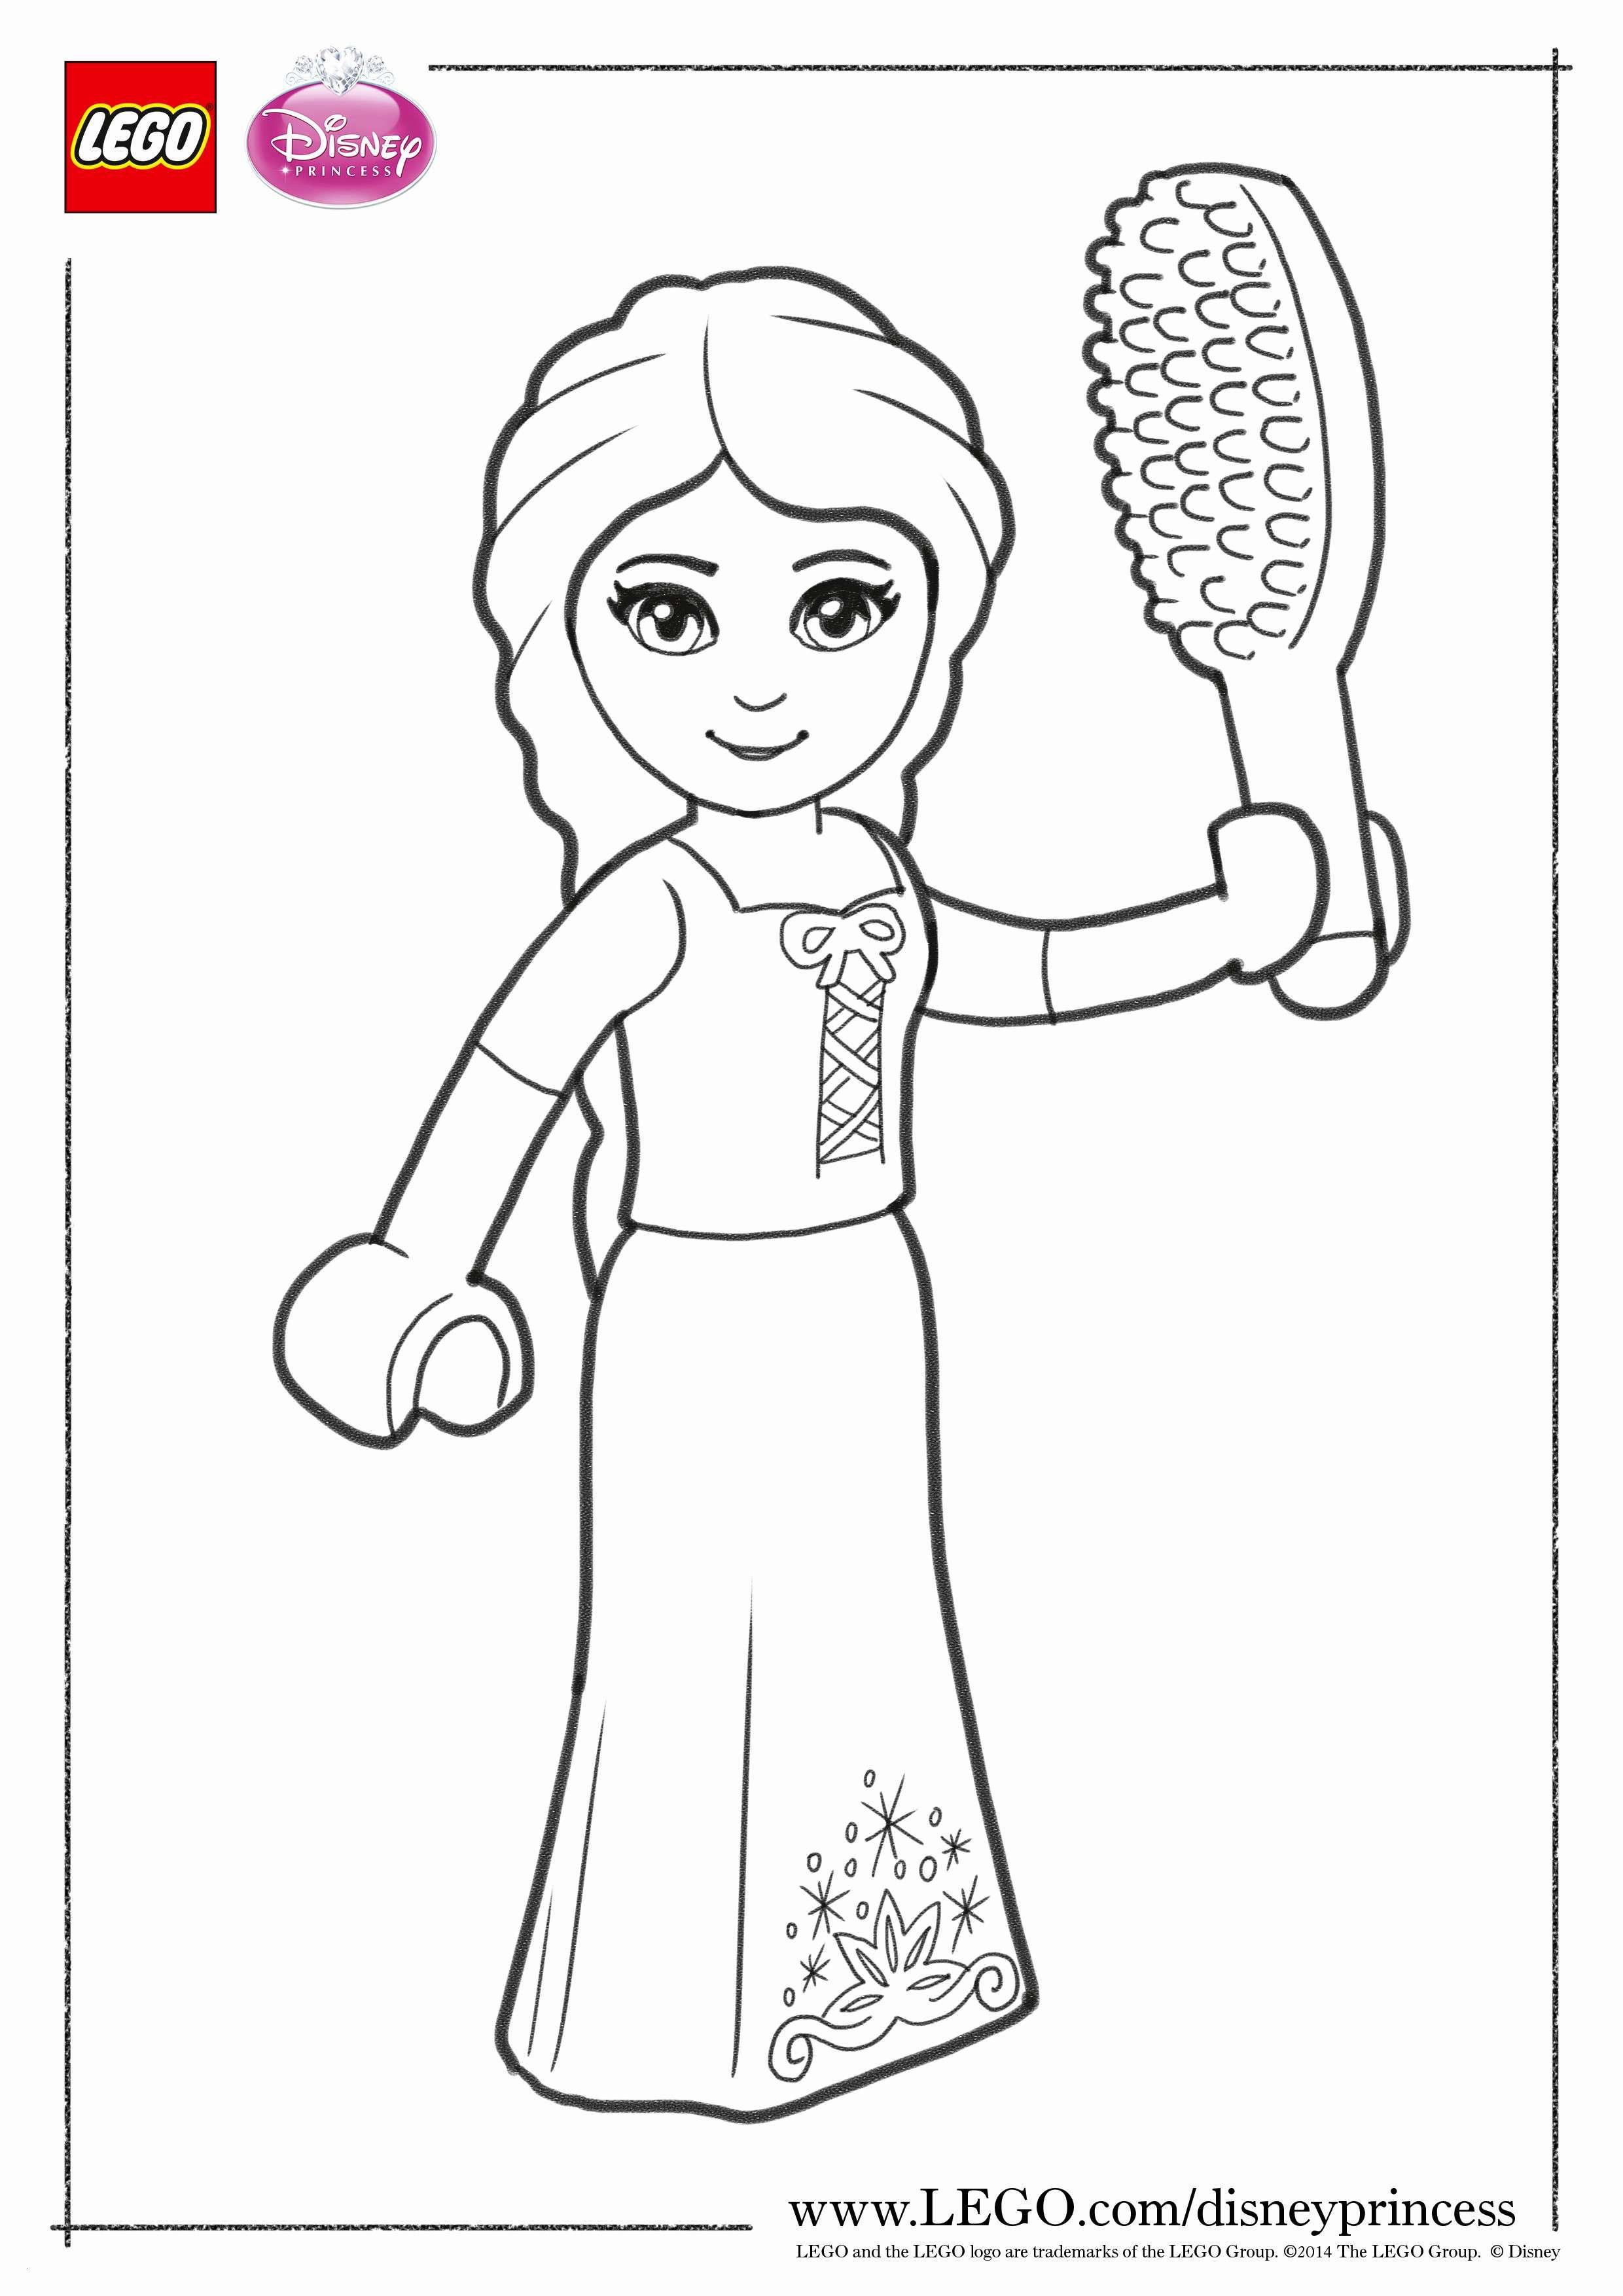 Olaf Zum Ausmalen Einzigartig Ausmalbilder Kostenlos Elsa Best Frozen Princess Printable Frisch Galerie